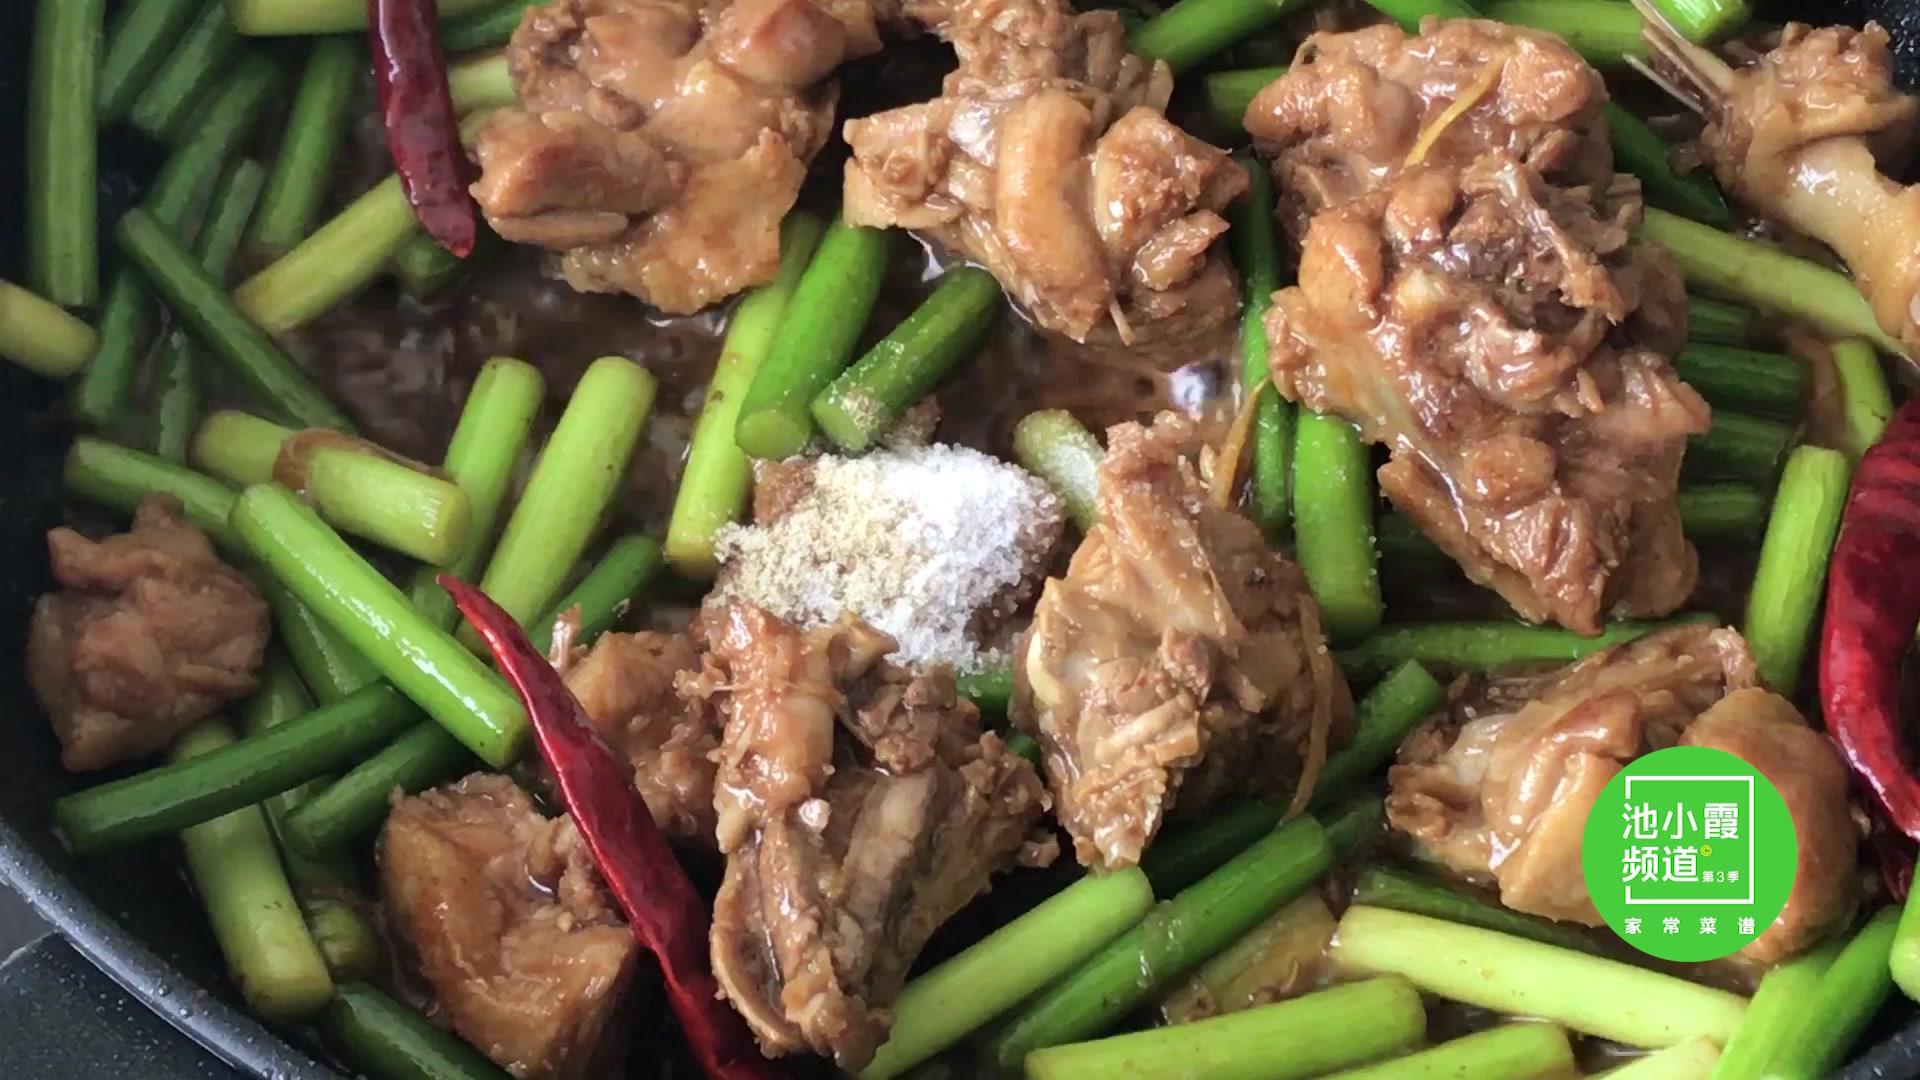 蒜苔和猪肉这样炒,蒜苔比美女炒鸭肉品鉴吃,吃了一次还想吃下次味道肉还好图片